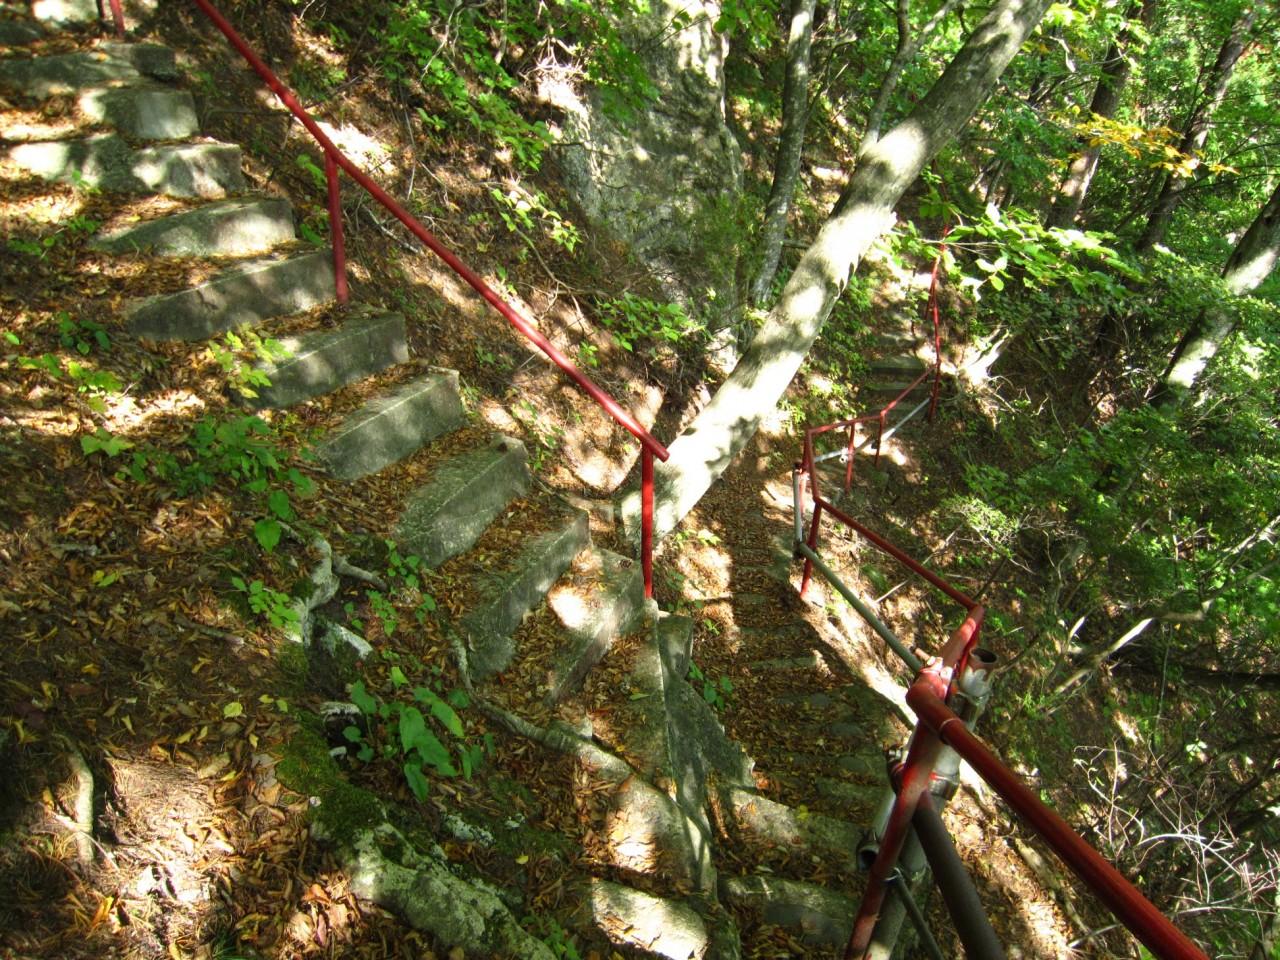 青森 津軽 深浦町 風景 冬 昼 階段 木 樹 森の中